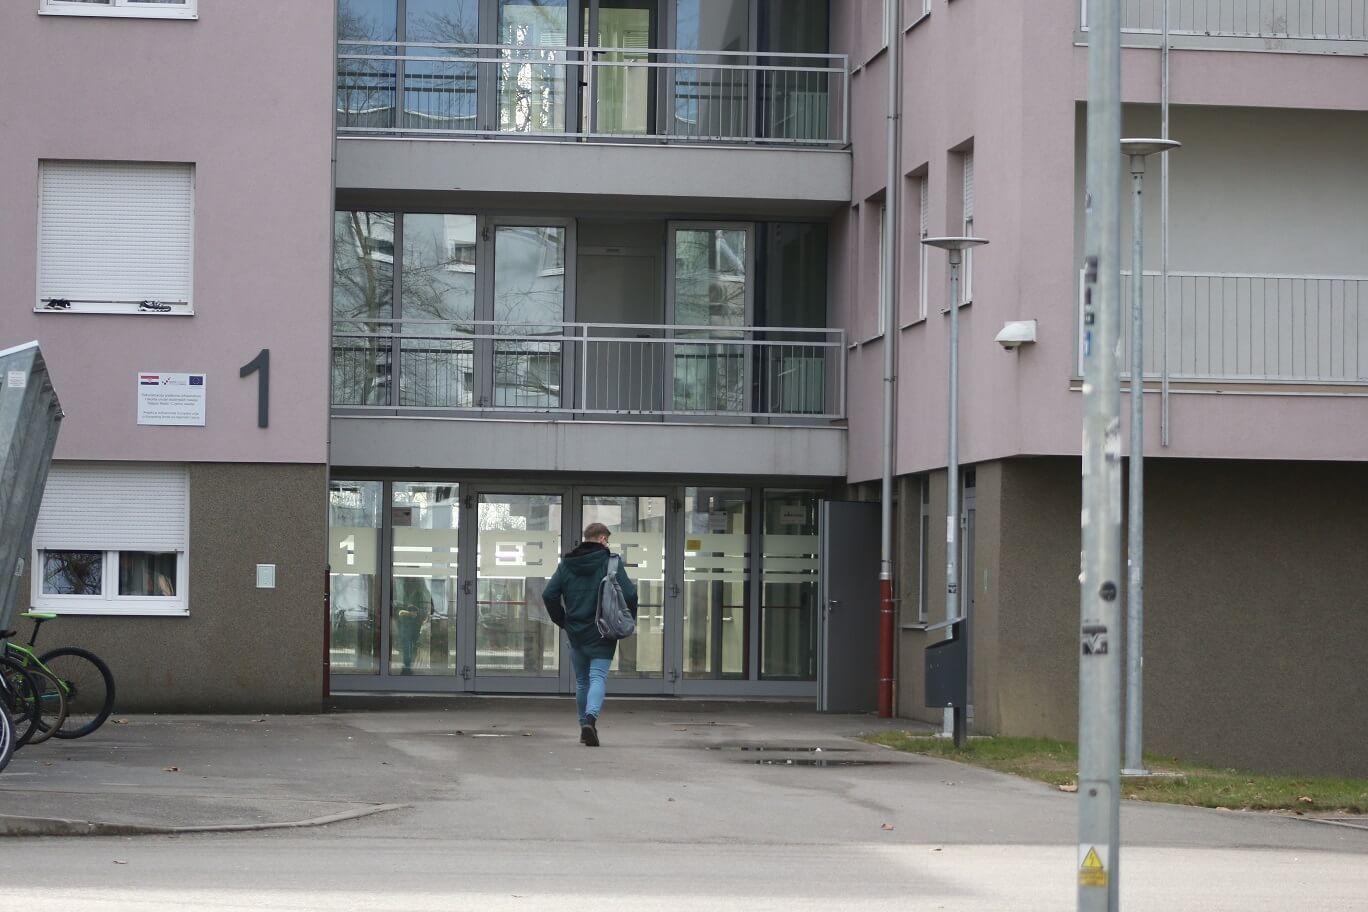 Neizbježan studentski stres: kako se studenti snalaze sa smještajem?